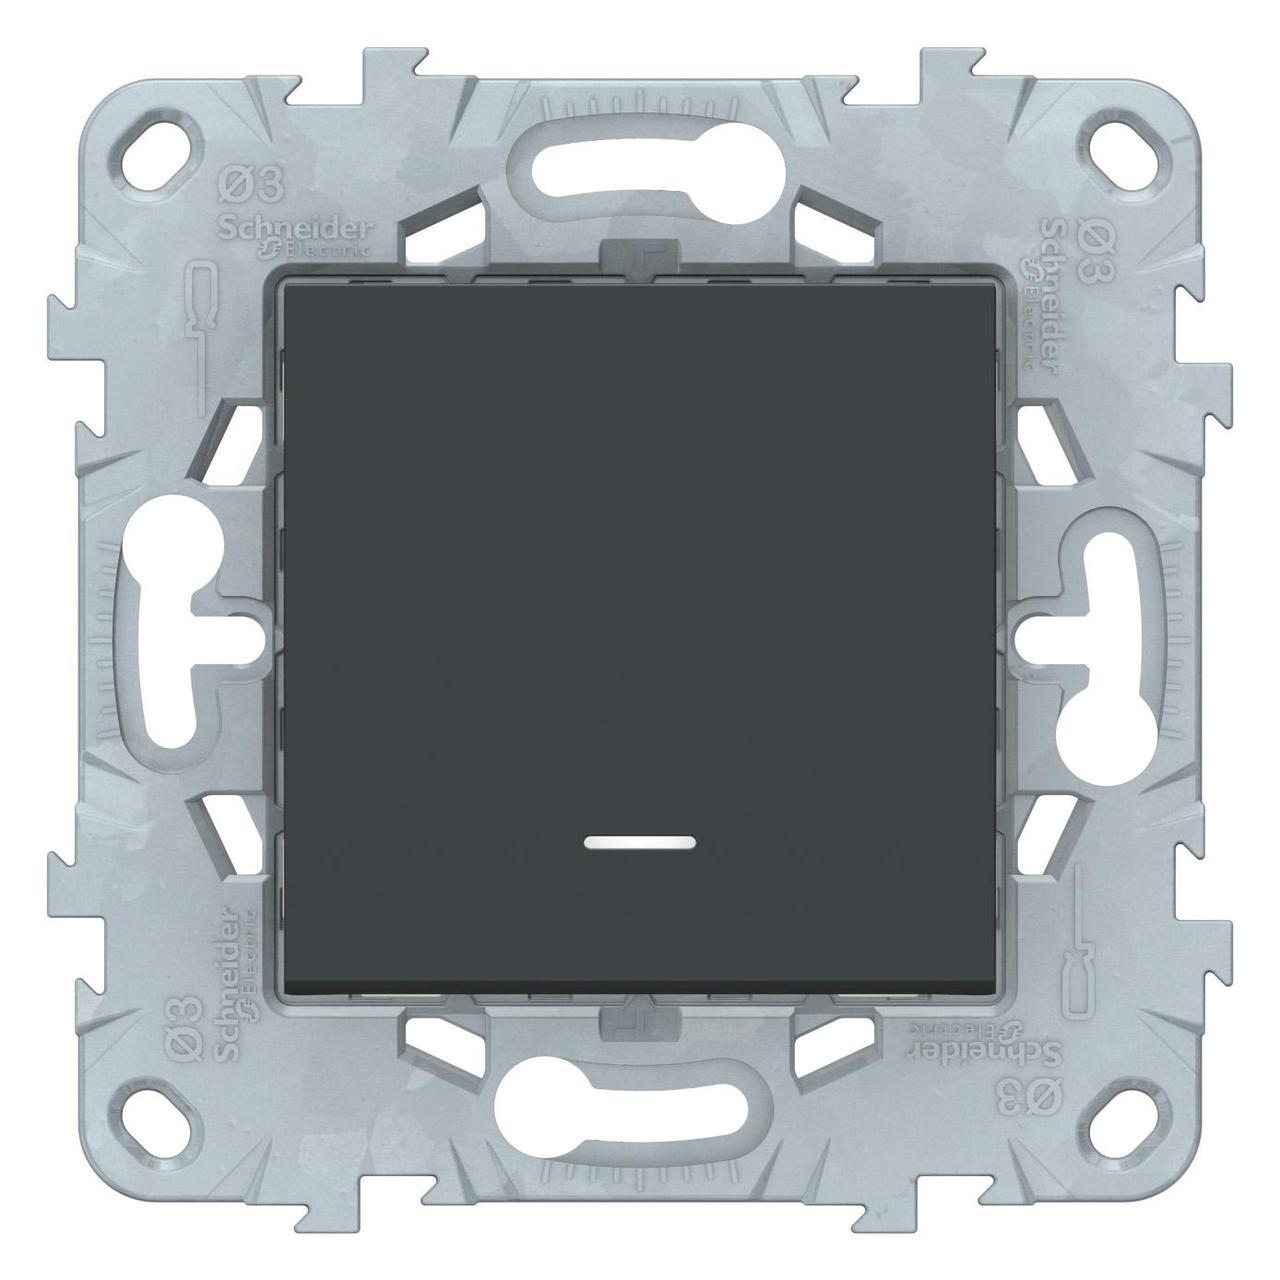 Выключатель 2-полюсный 1-клавишный с индикацией , Антрацит, серия Unica New, Schneider Electric